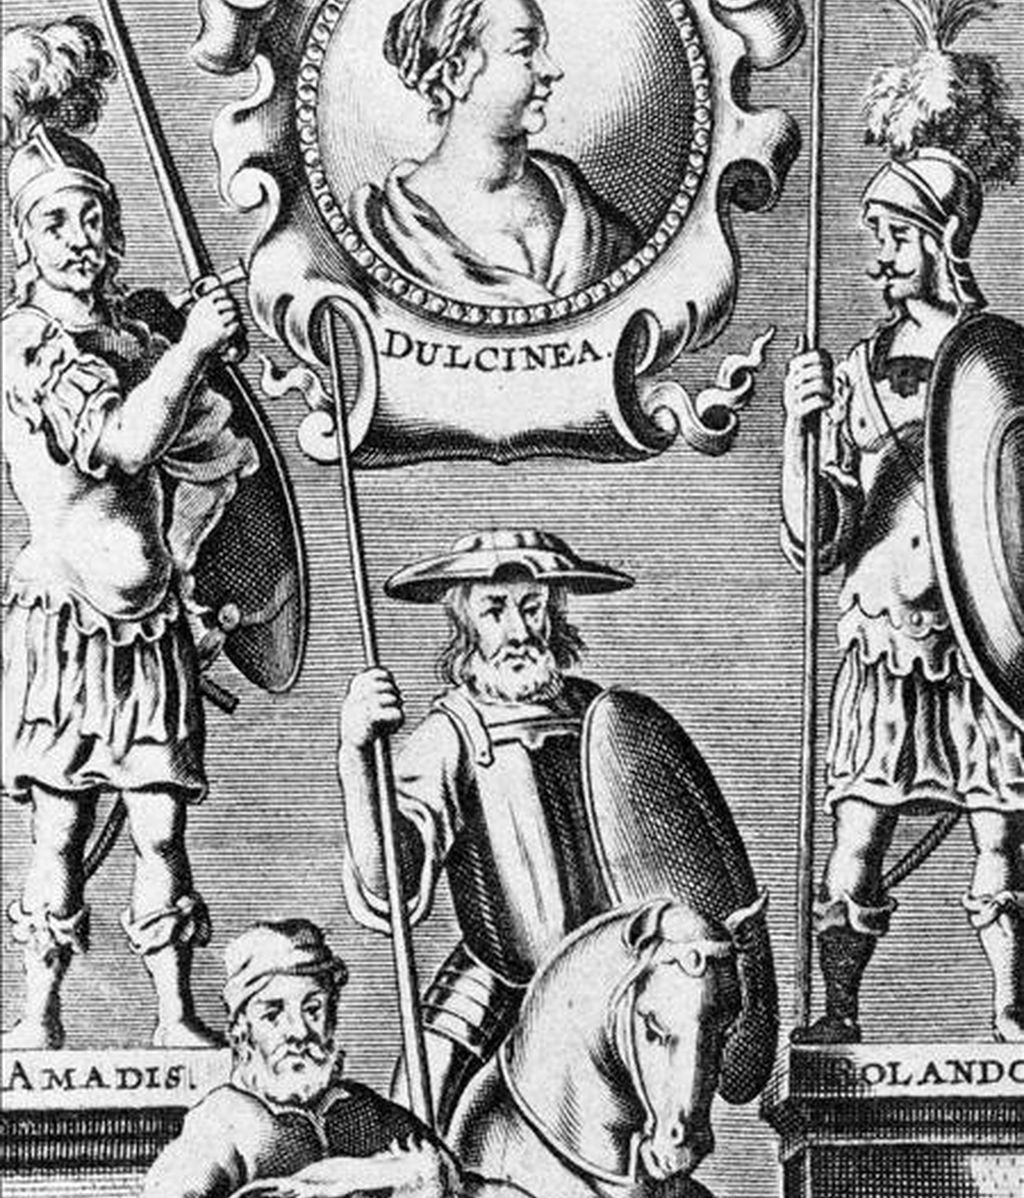 Portada de Don Quijote de La Mancha de una edición hecha en Amberes en 1697 en español, que se conserva en la Biblioteca de la Sociedad Hispánica de América de Nueva York, en la que aparecen los retratos de don Quijote y Sancho Panza, Dulcinea, Amadis y Rolando. EFE/Archivo